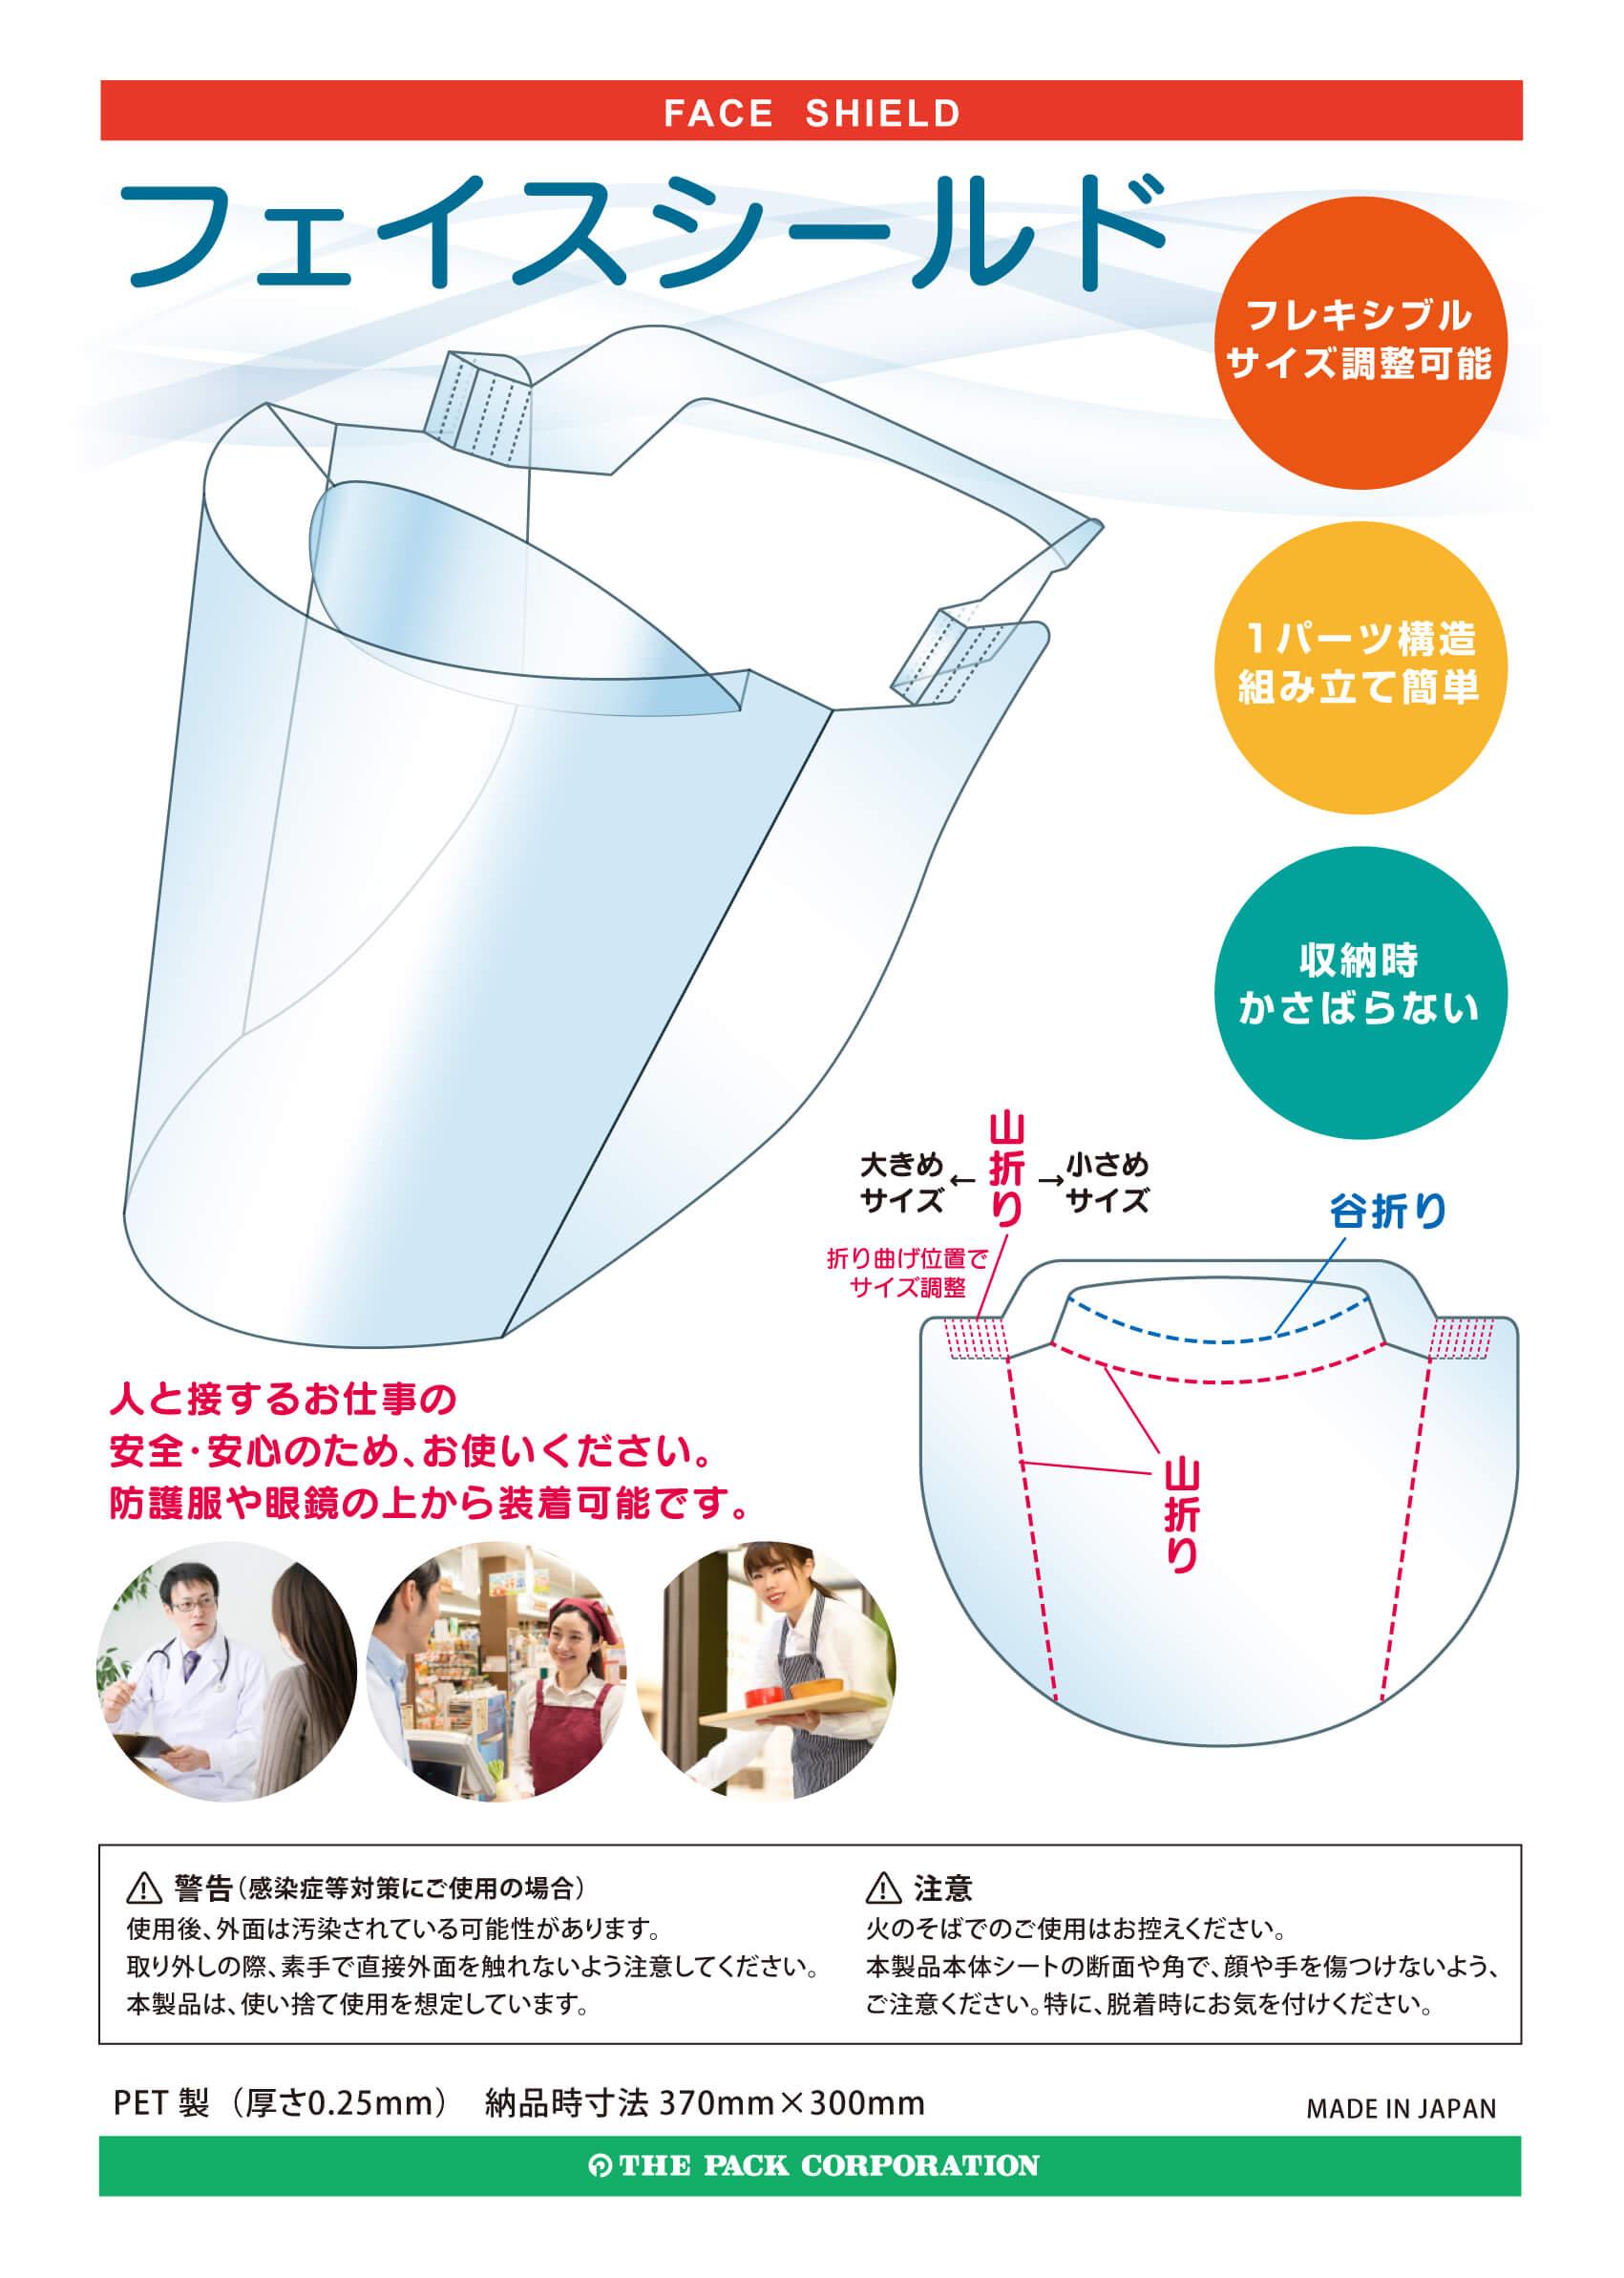 フェイスシールド_ザ・パックオリジナル0512.jpg